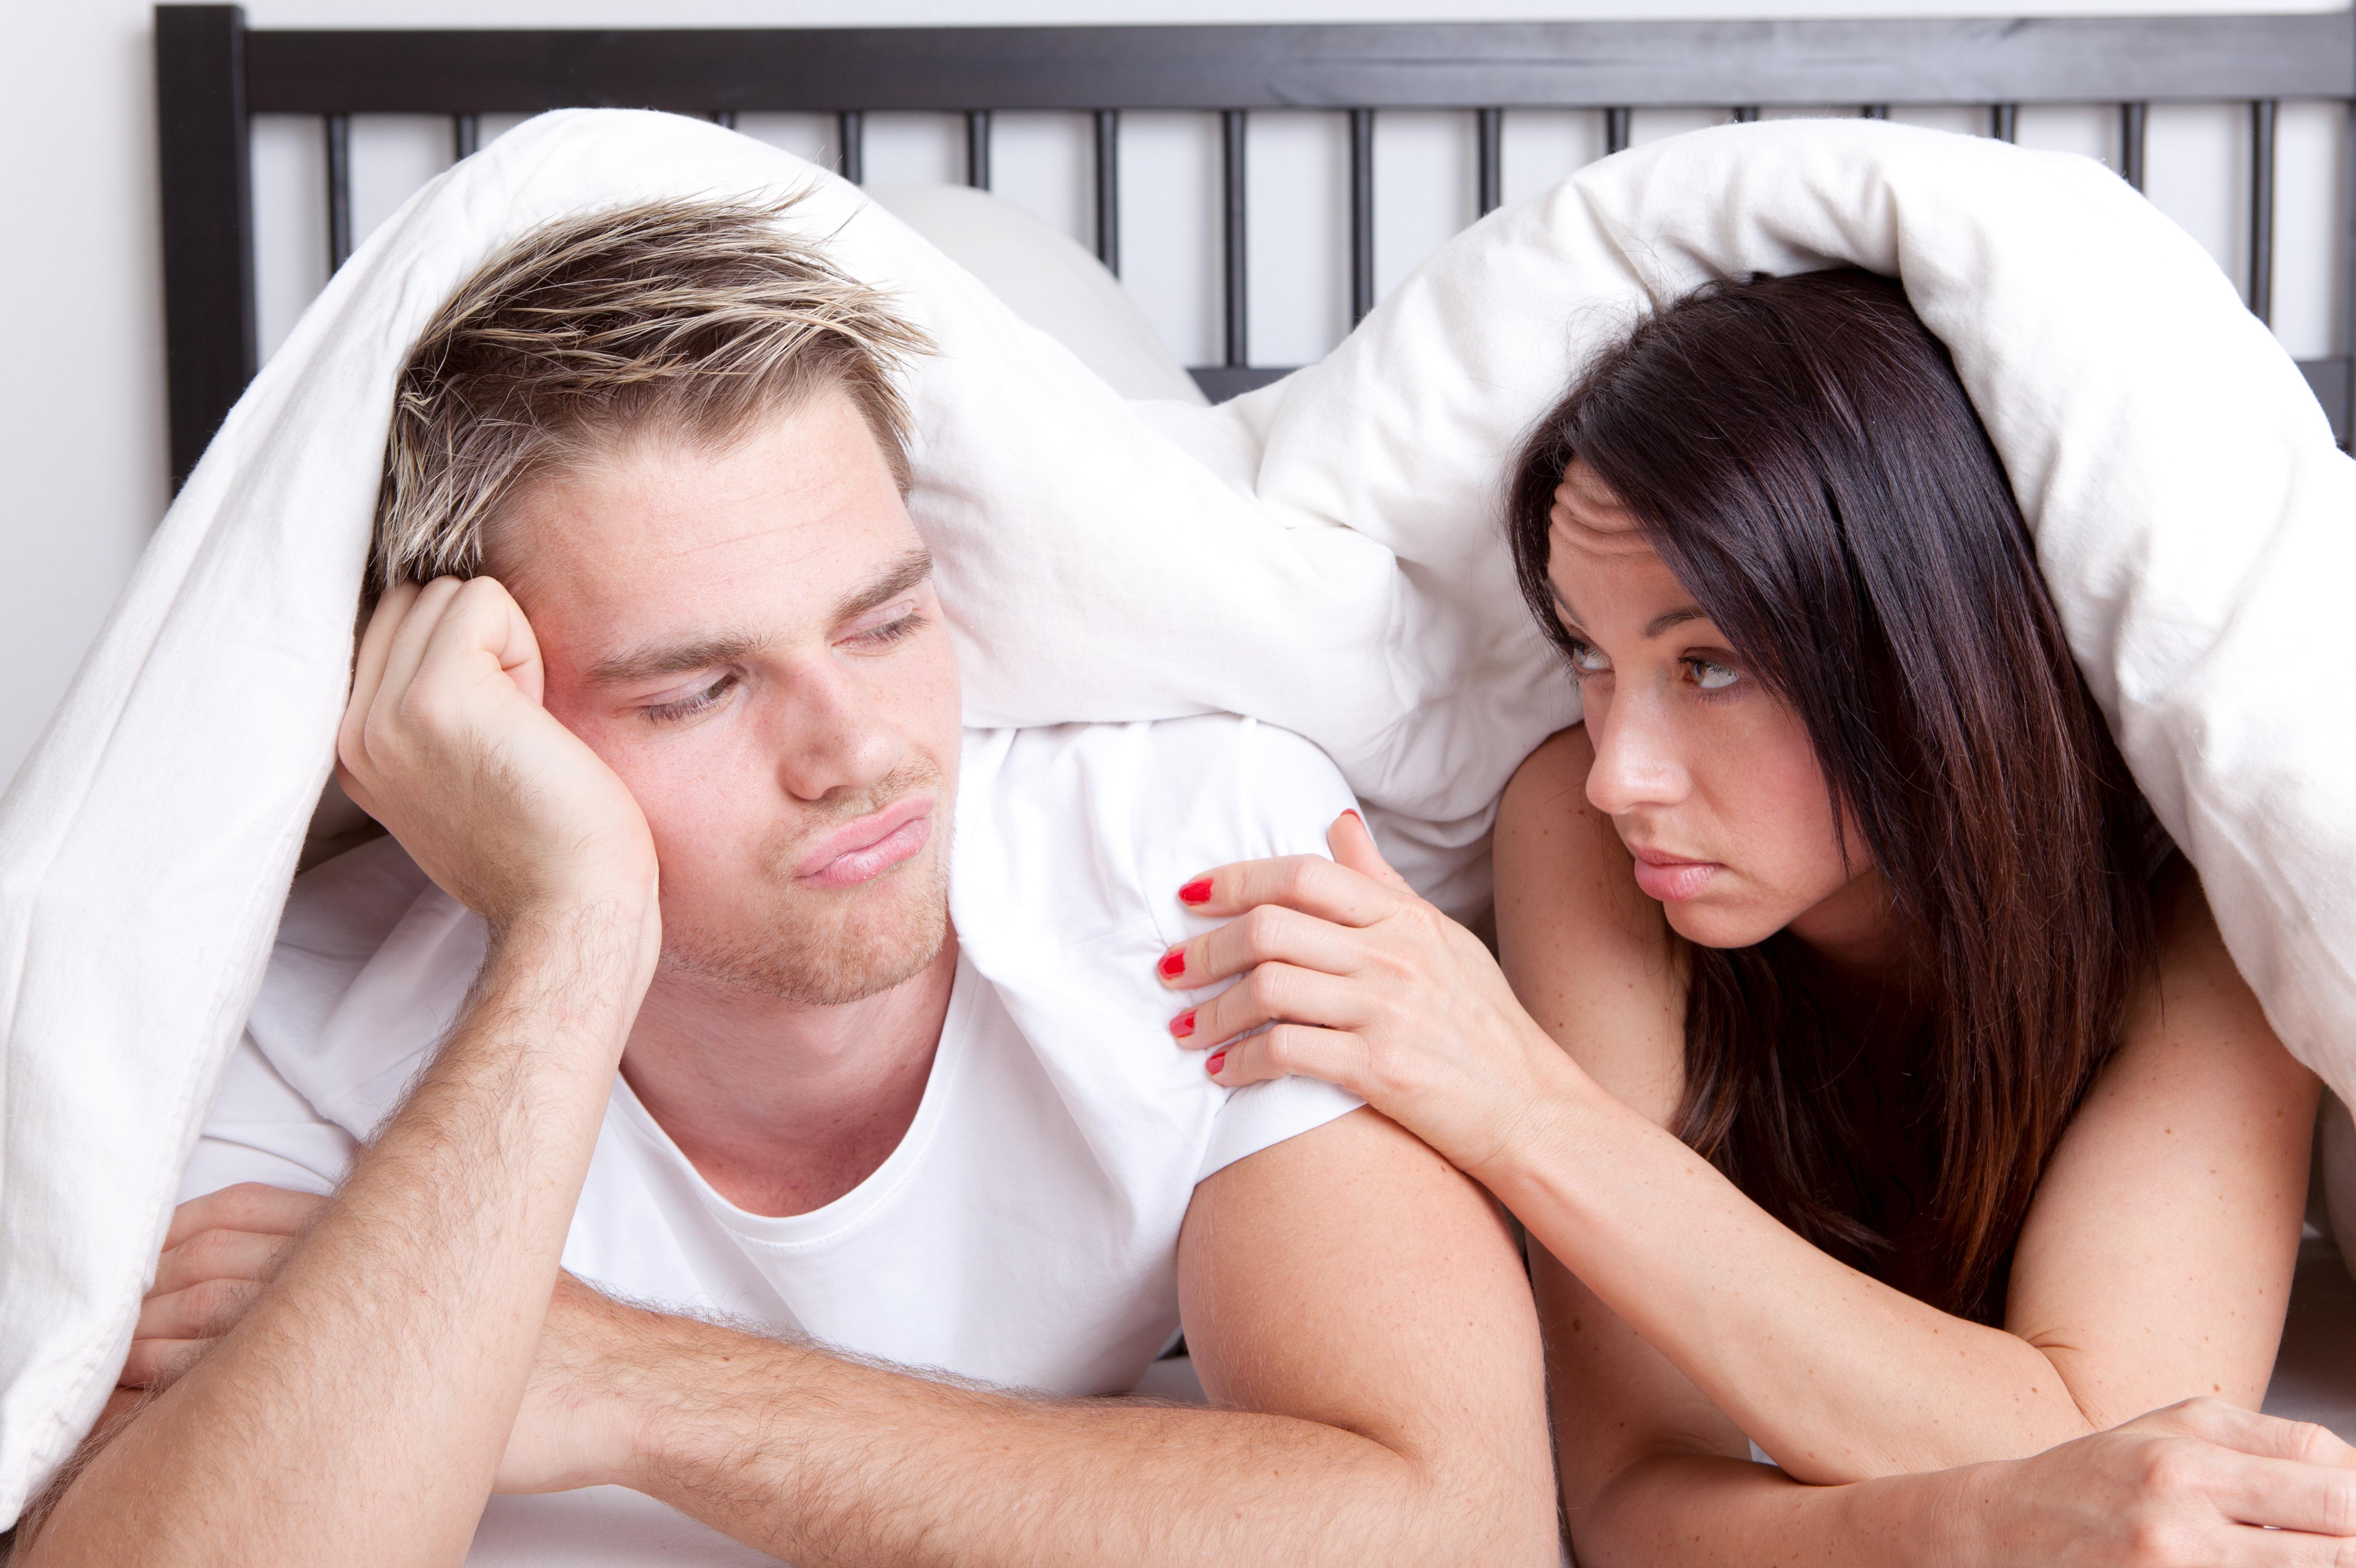 sexuelle unlust beim mann gründe gießen